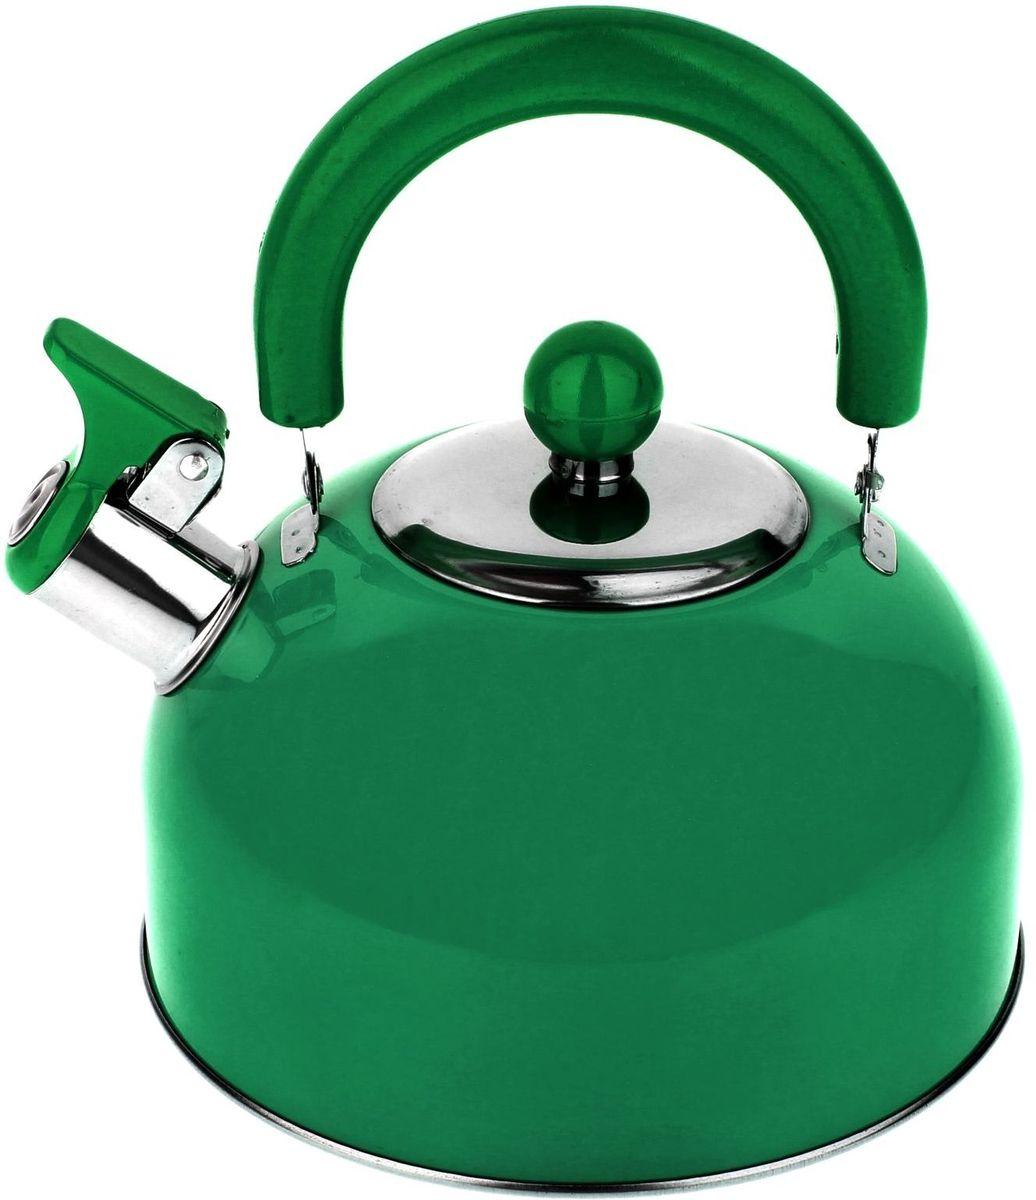 Чайник Доляна Радуга, со свистком, цвет: зеленый, 2,1 л115510Бытовая посуда из нержавеющей стали славится неприхотливостью в уходе и безукоризненной функциональностью. Коррозиестойкий сплав обеспечивает гигиеничность изделий. Чайники из этого материала абсолютно безопасны для здоровья человека.Чем привлекательна посуда из нержавейки?Чайник из нержавеющей стали станет удачной находкой для дома или ресторана:благодаря низкой теплопроводности модели вода дольше остается горячей;необычный дизайн радует глаз и поднимает настроение;качественное дно гарантирует быстрый нагрев.Как продлить срок службы?Ухаживать за новым приобретением элементарно просто, но стоит помнить о нескольких нехитрых правилах.Во-первых, не следует применять абразивные инструменты и сильнохлорированные моющие средства.Во-вторых, не оставляйте пустую посуду на плите.В-третьих, если вы уезжаете из дома на длительное время - выливайте воду из чайника.Если на внутренней поверхности изделия появились пятна, используйте для их удаления несколько капель уксусной или лимонной кислоты.